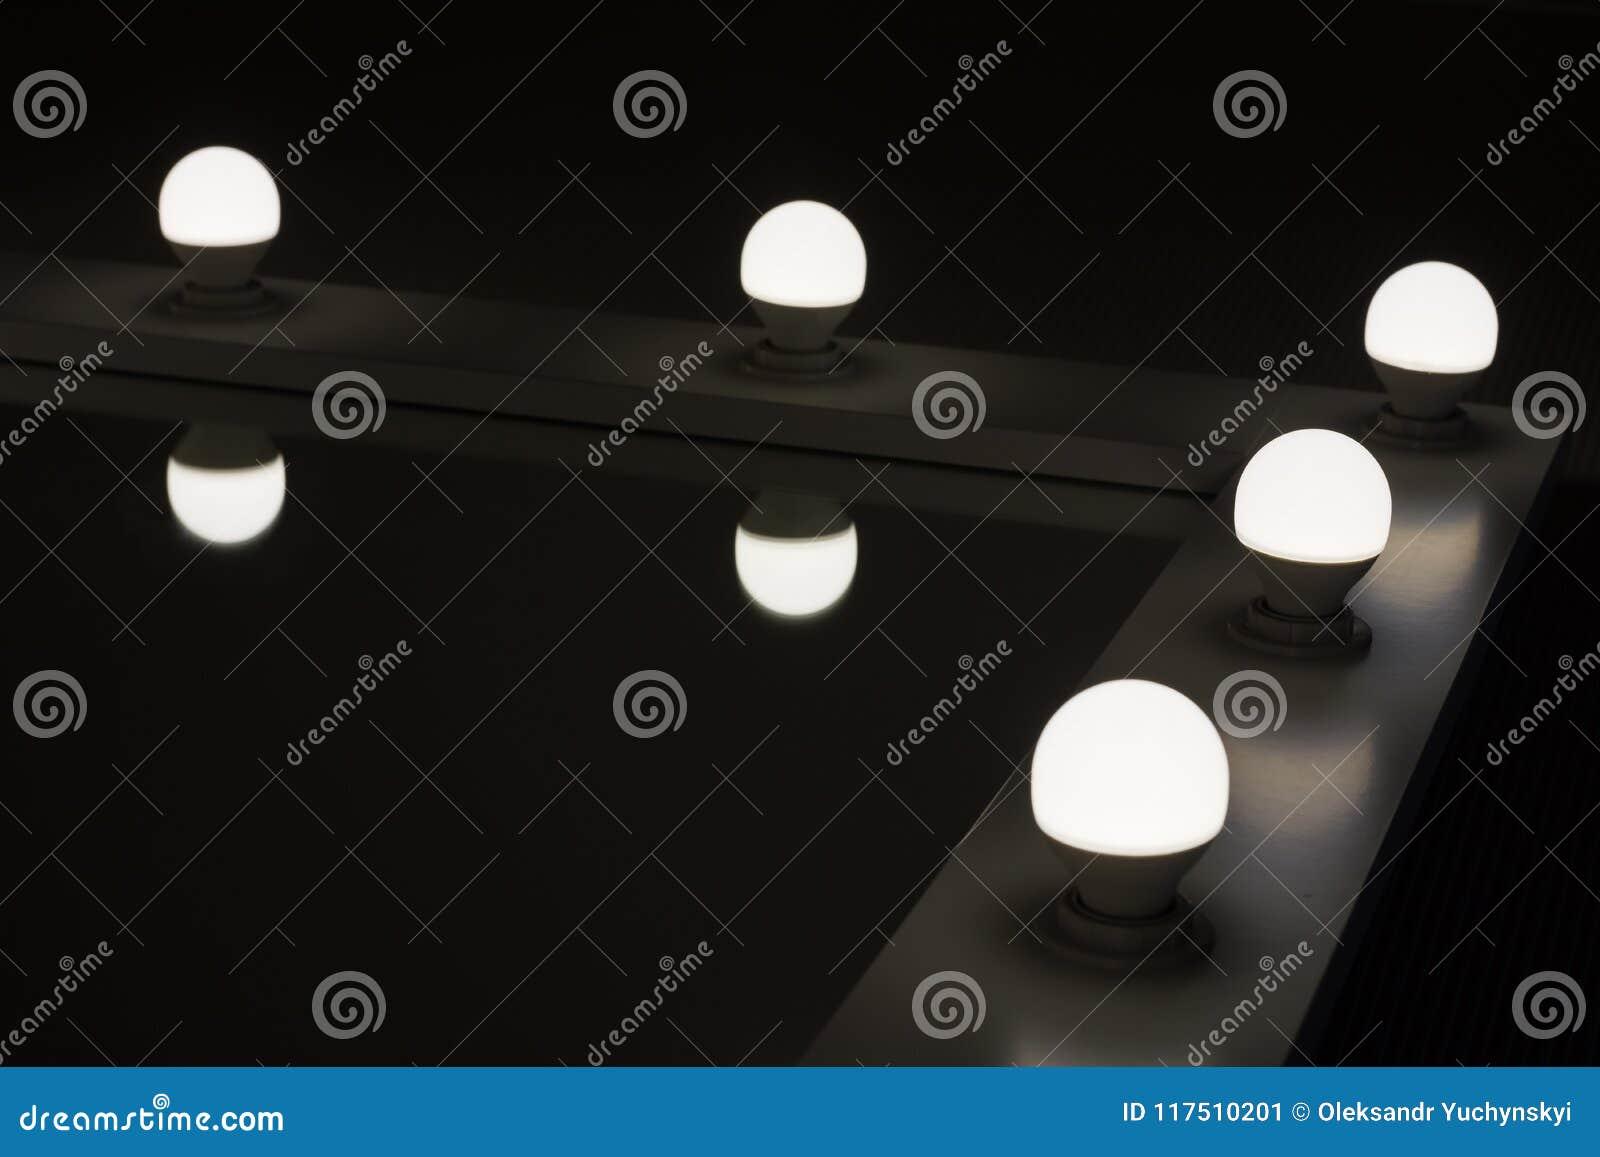 Bezel γωνιών καθρέφτες με από τους λαμπτήρες των οδηγήσεων